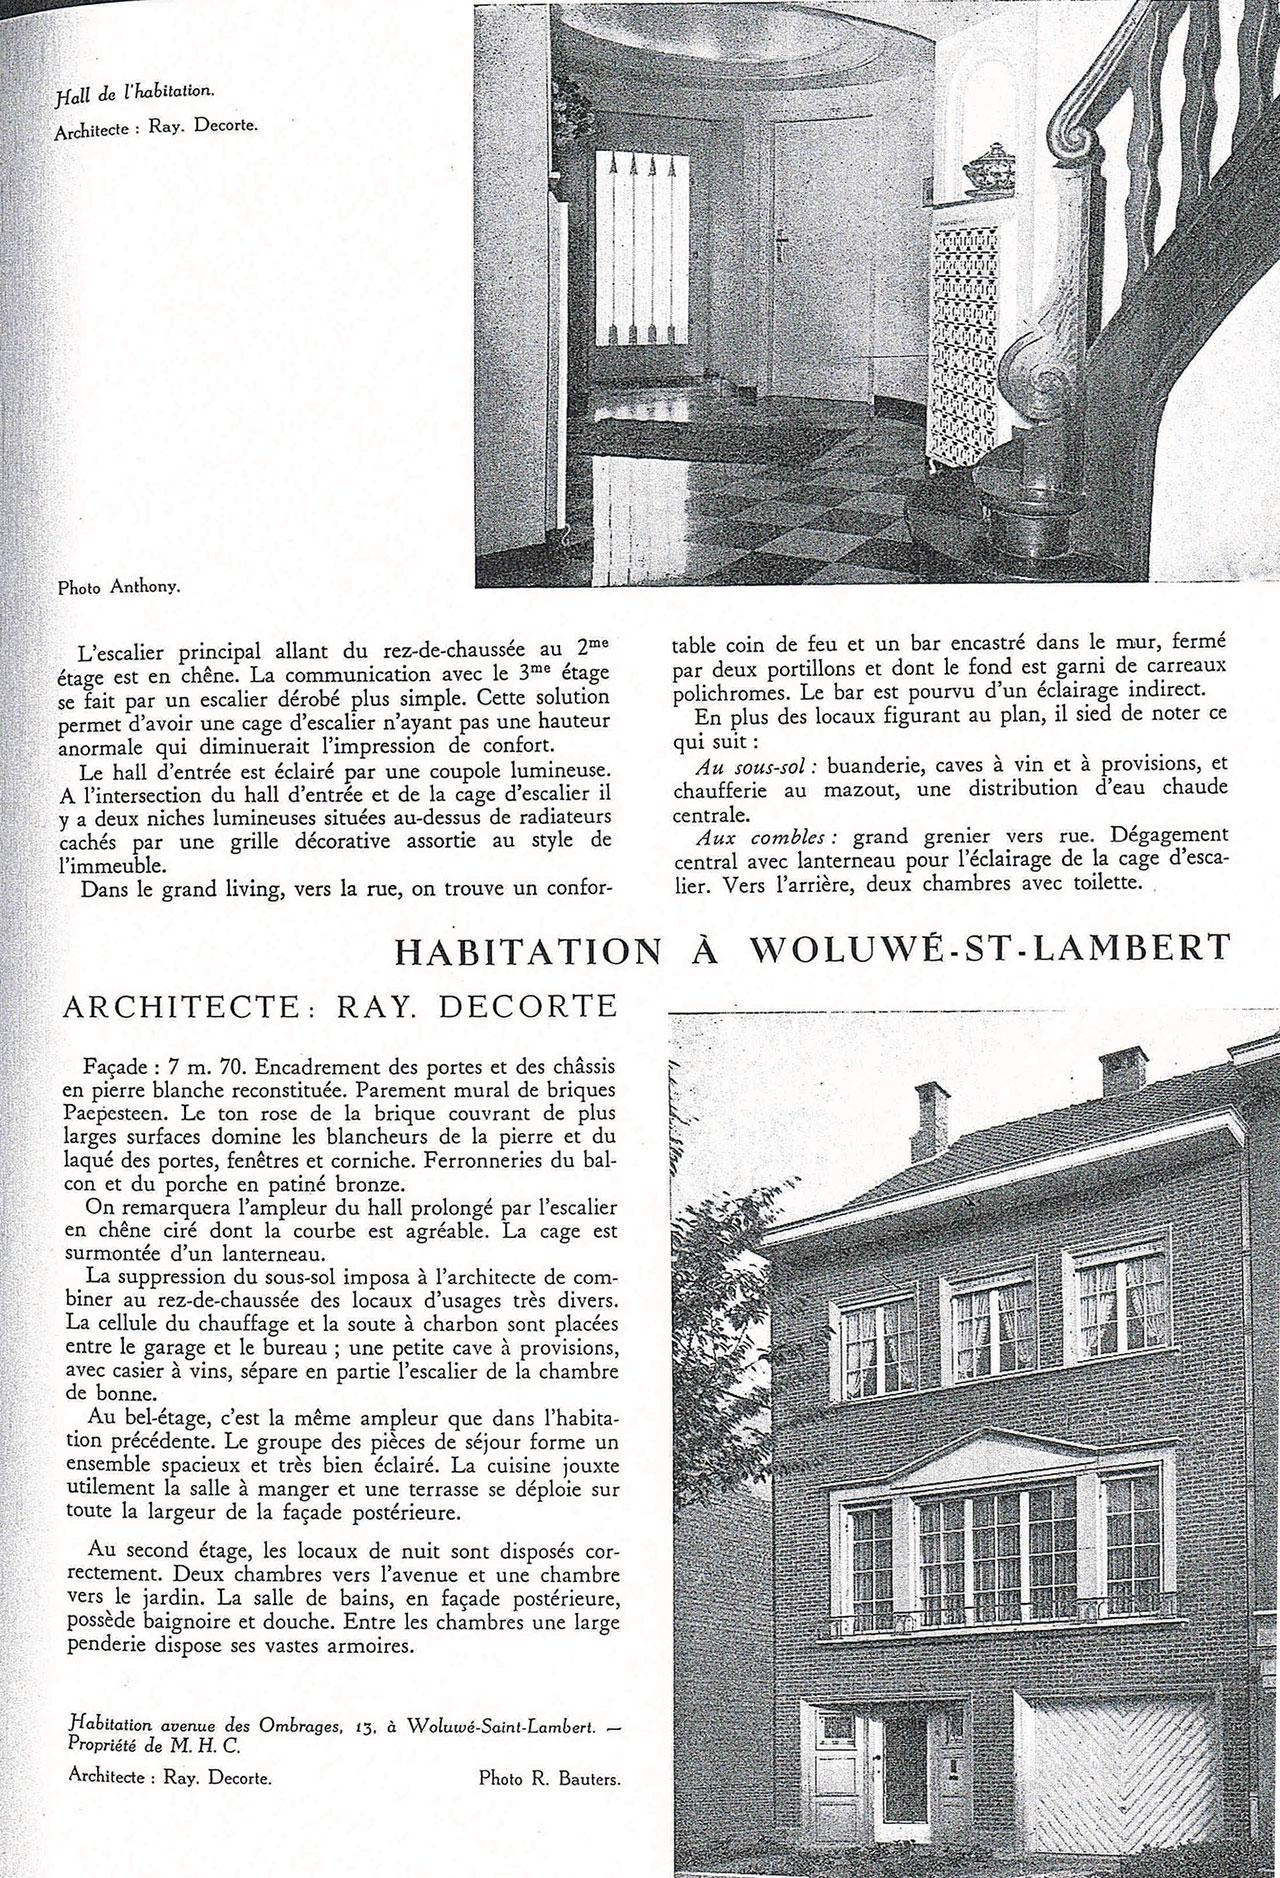 Habitation à Woluwe-St-Lambert